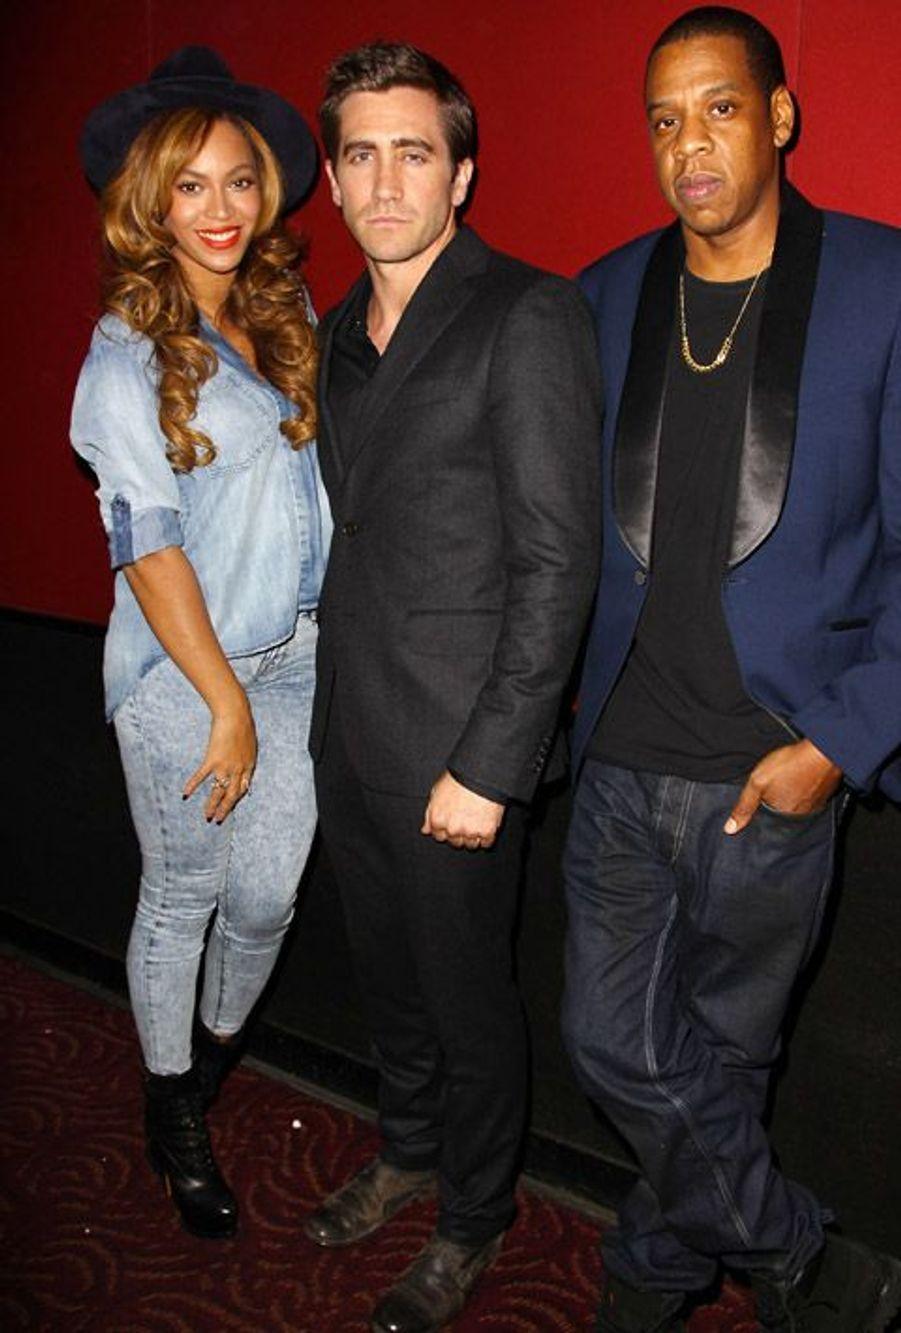 La chanteuse Beyoncé prend la pose avec son mari Jay-Z (à droite) et l'acteur Jake Gyllenhaal (au centre), le 27 octobre 2014 à New York pour une...